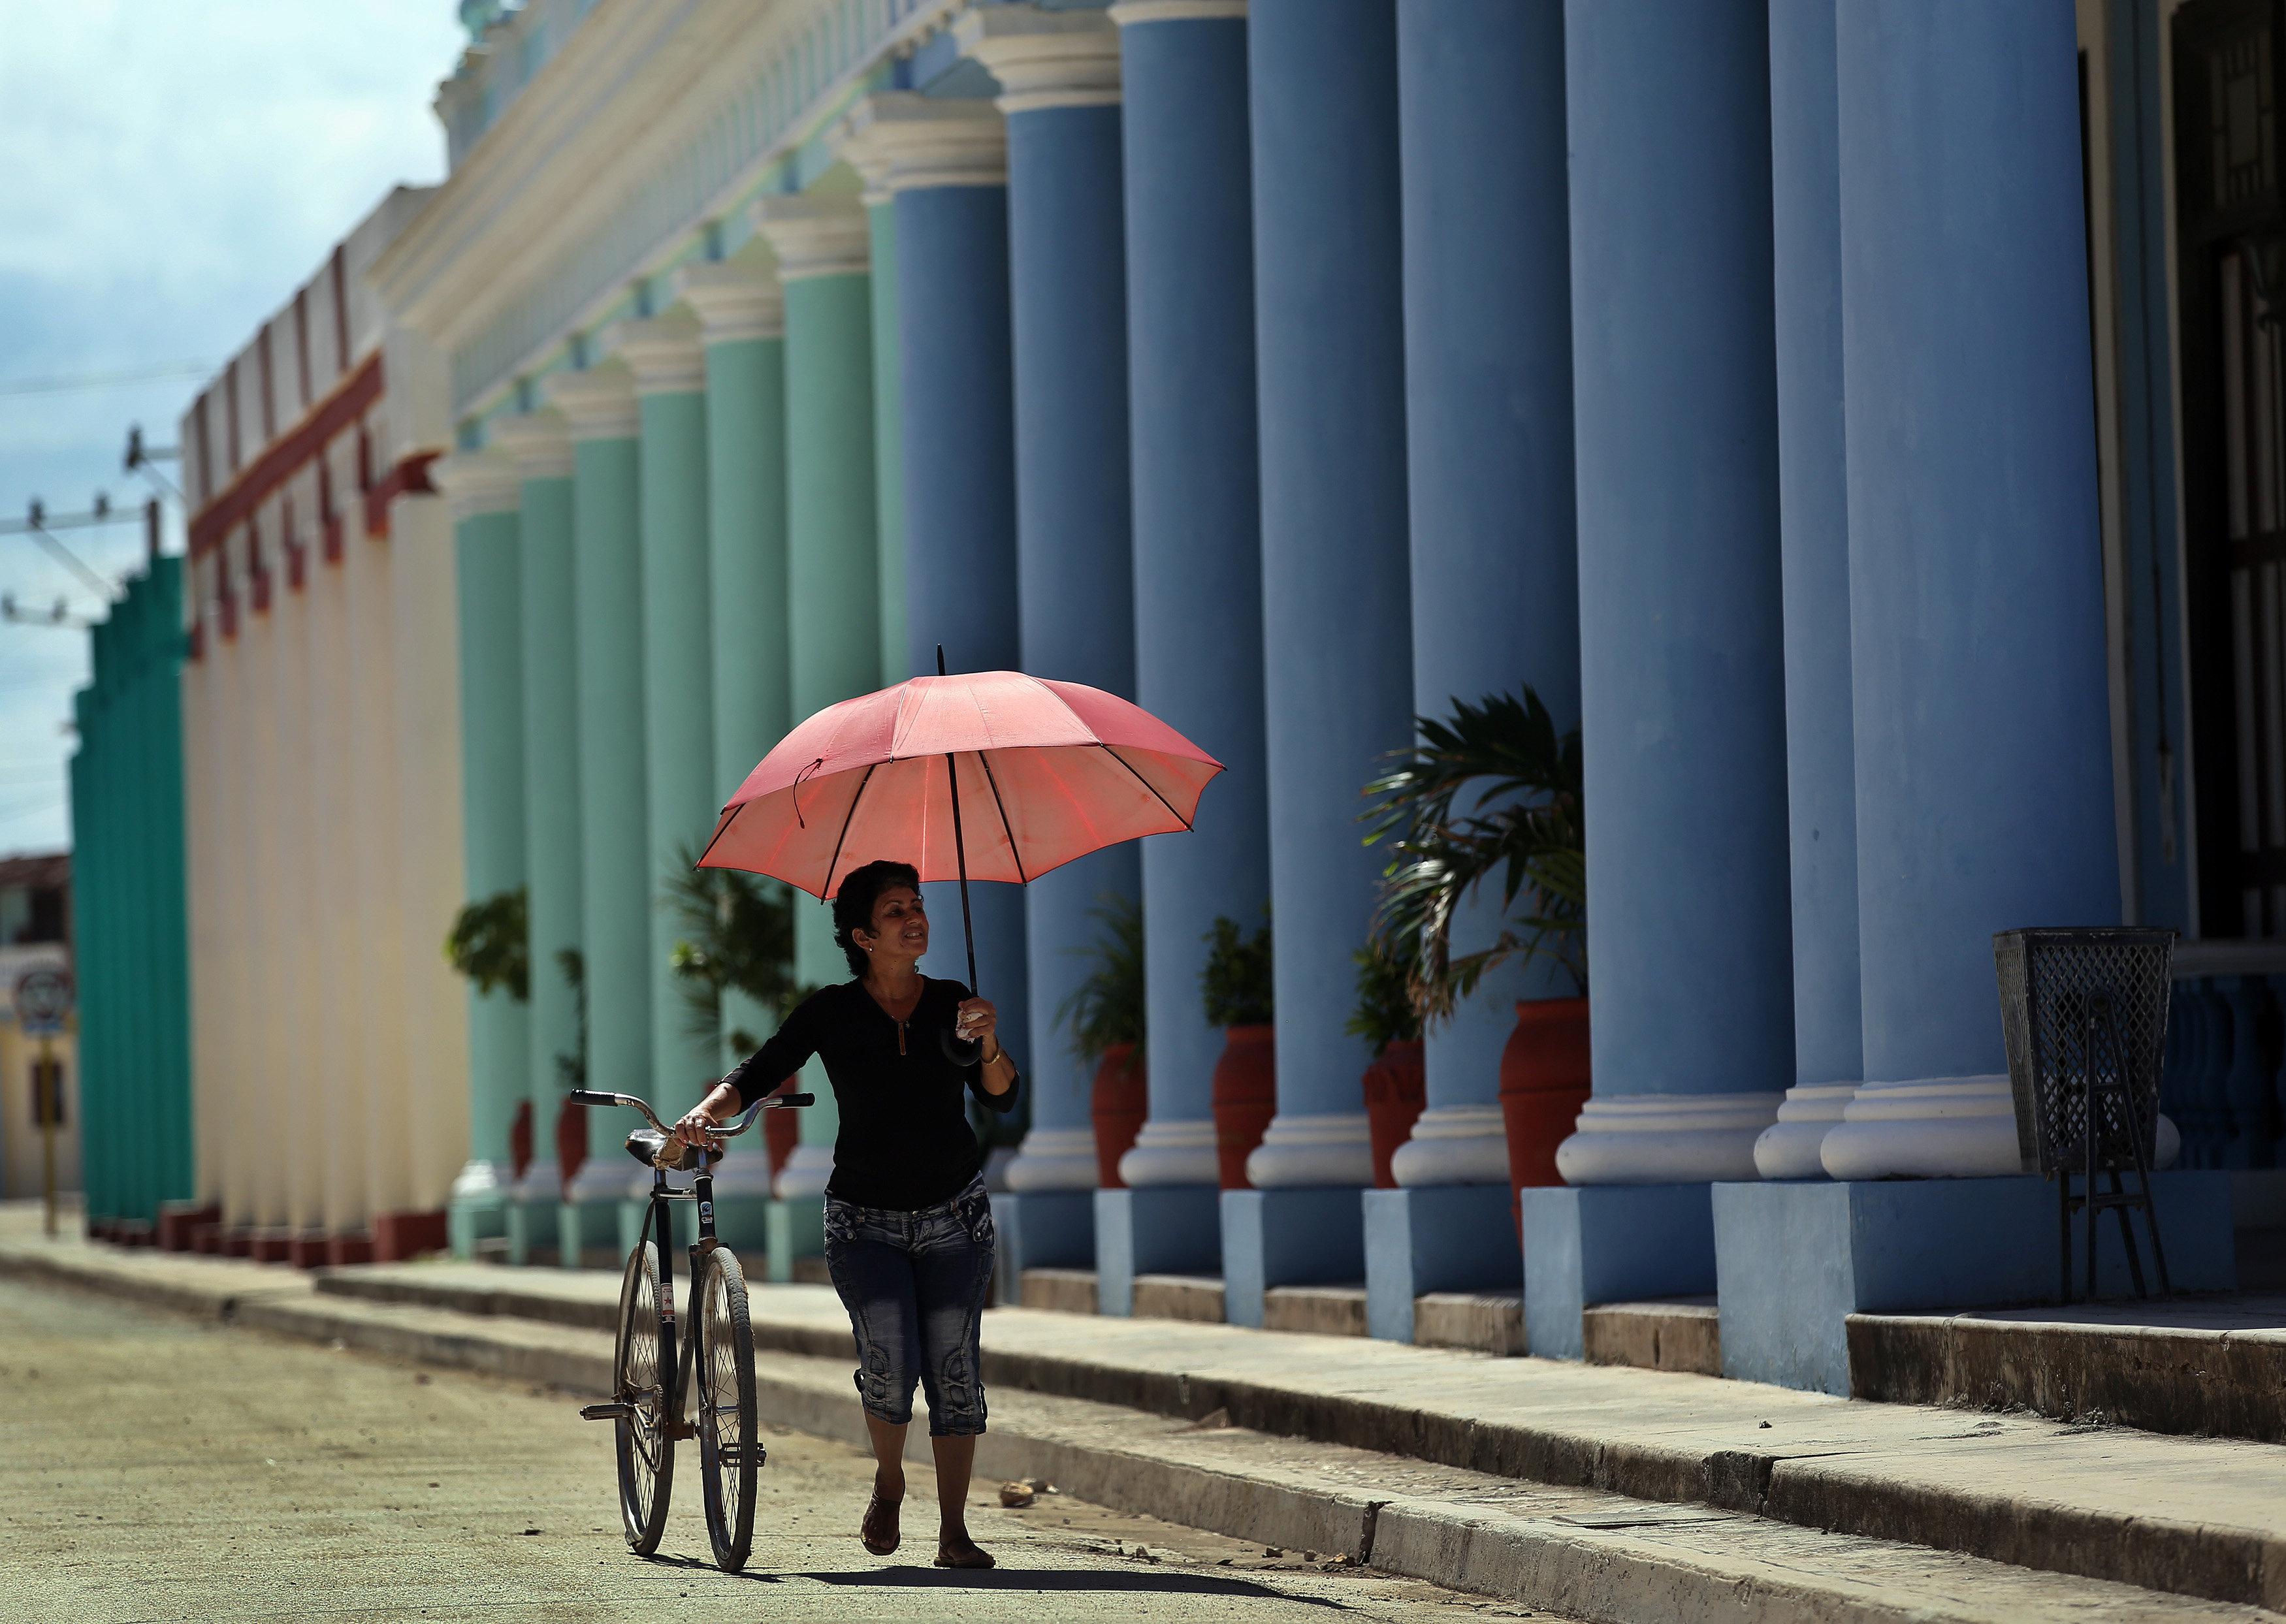 Una dona es cobreix del sol amb un paraigua a Cuba. /ALEJANDRO ERNESTO